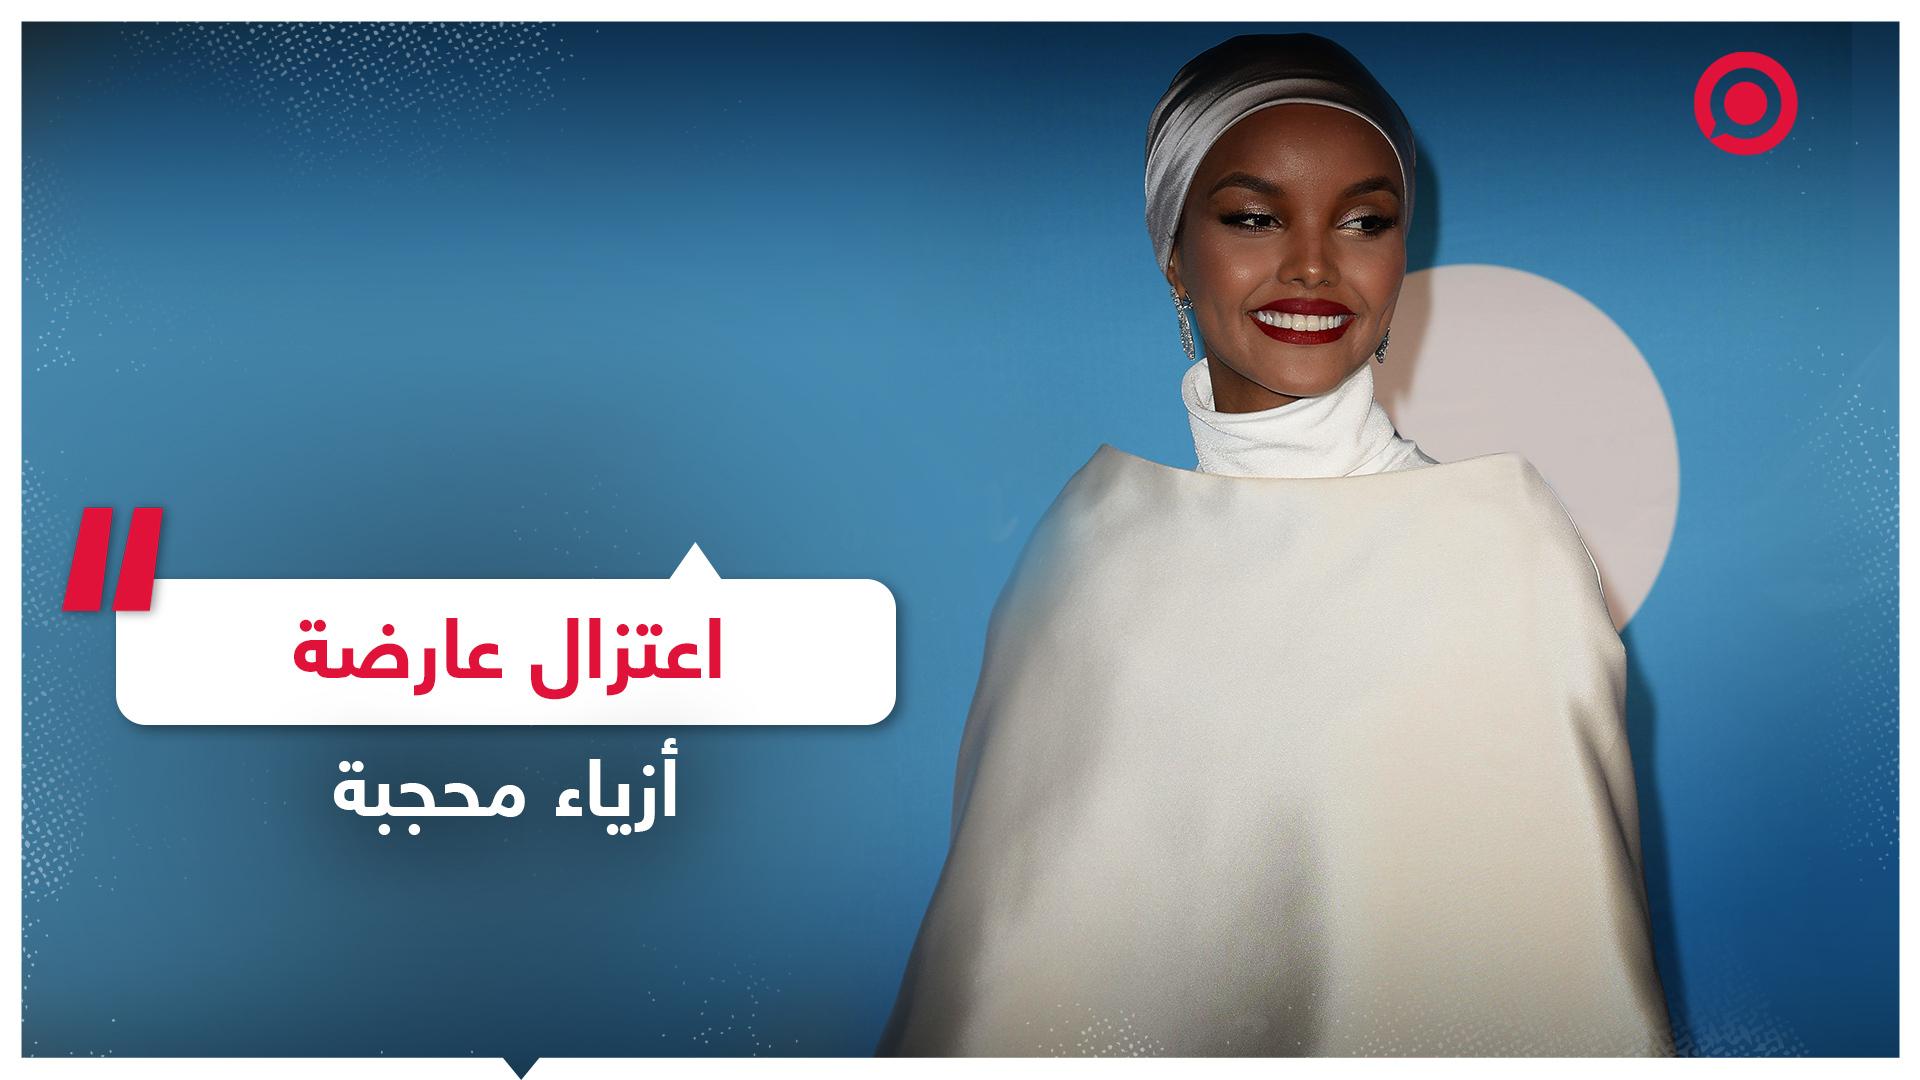 #عروض_الأزياء#محجبة#إسلام#حليمة_عدن#الصومال